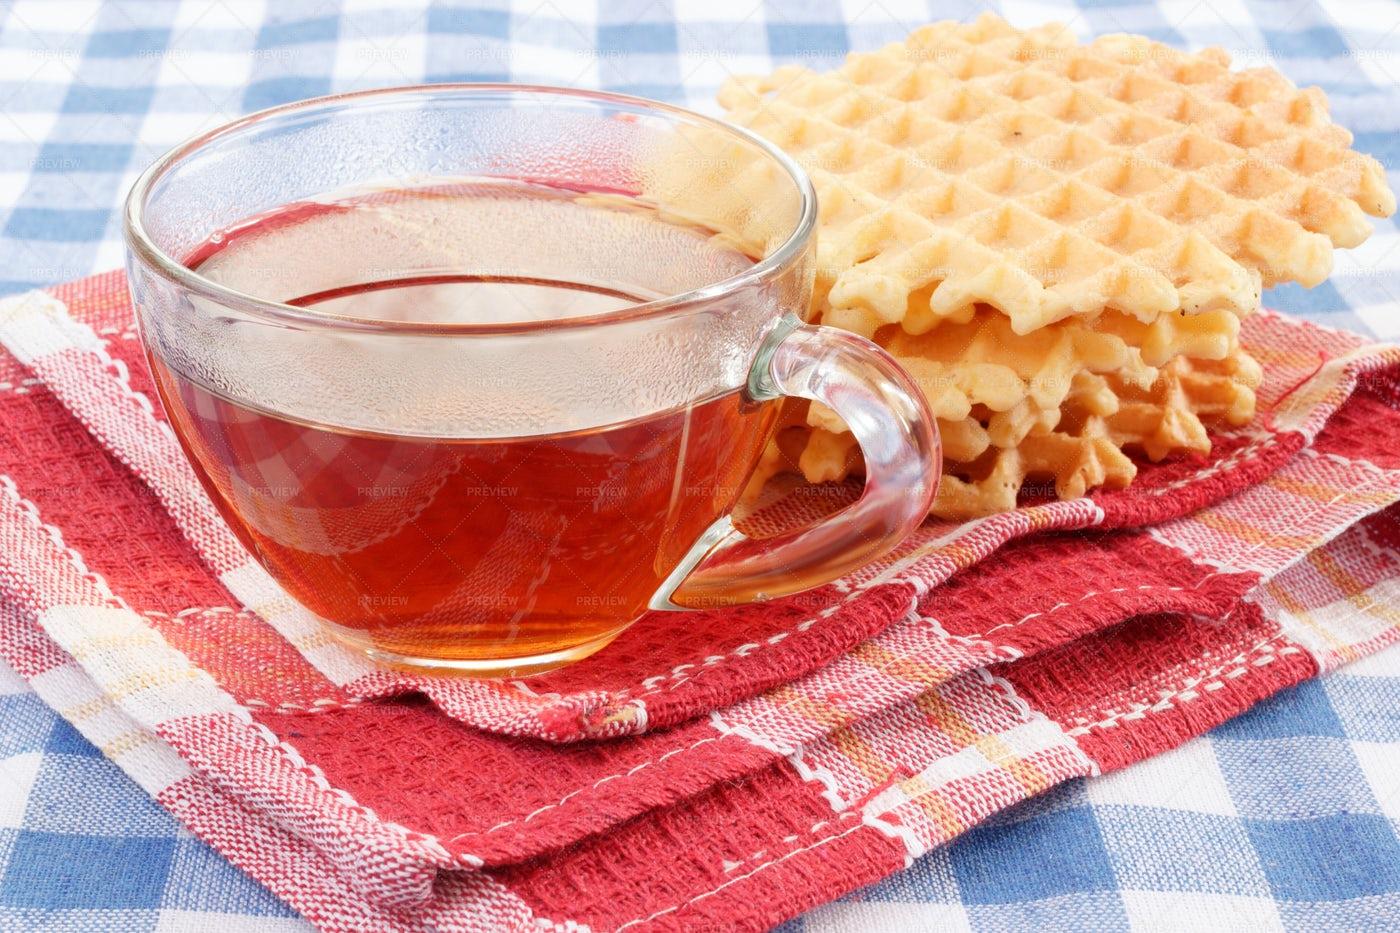 Hot Tea With Waffles: Stock Photos